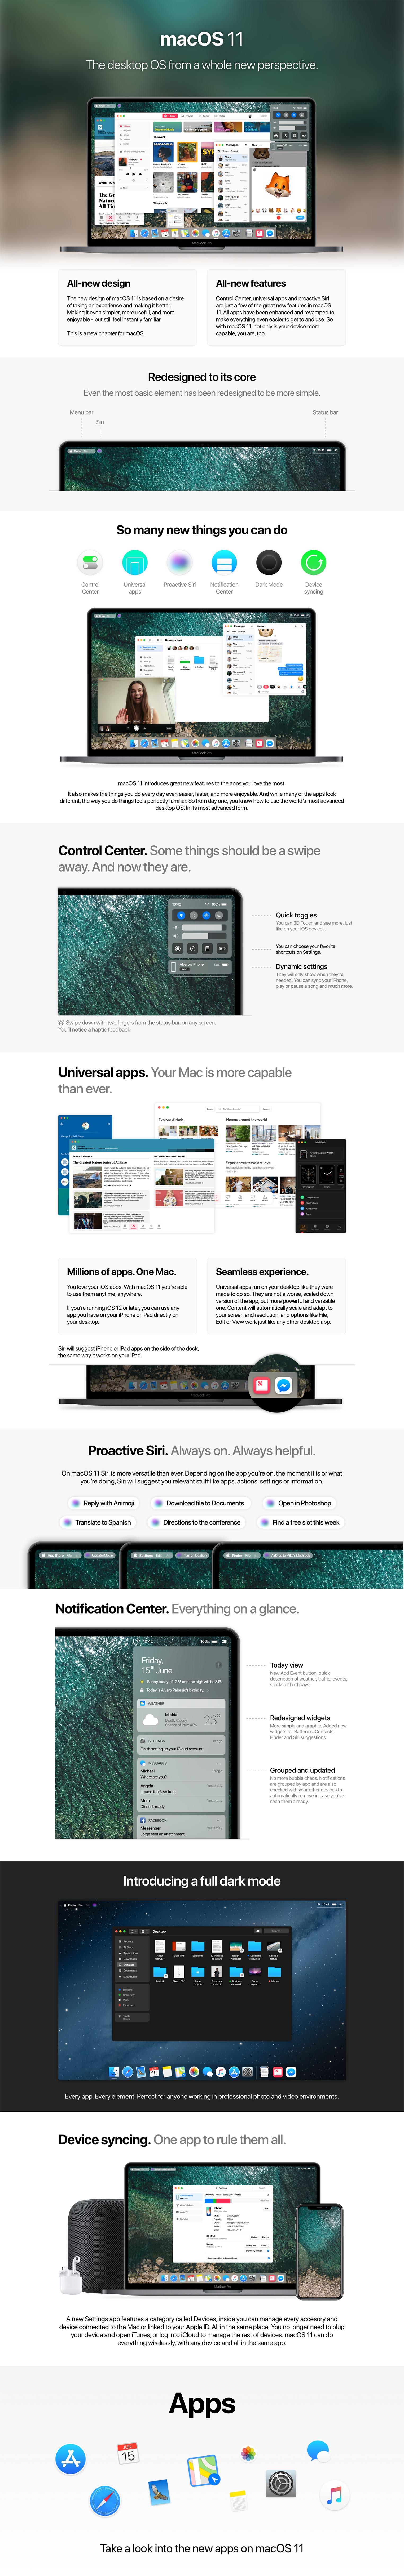 Concept macOS 11 Alvaro Pabesio